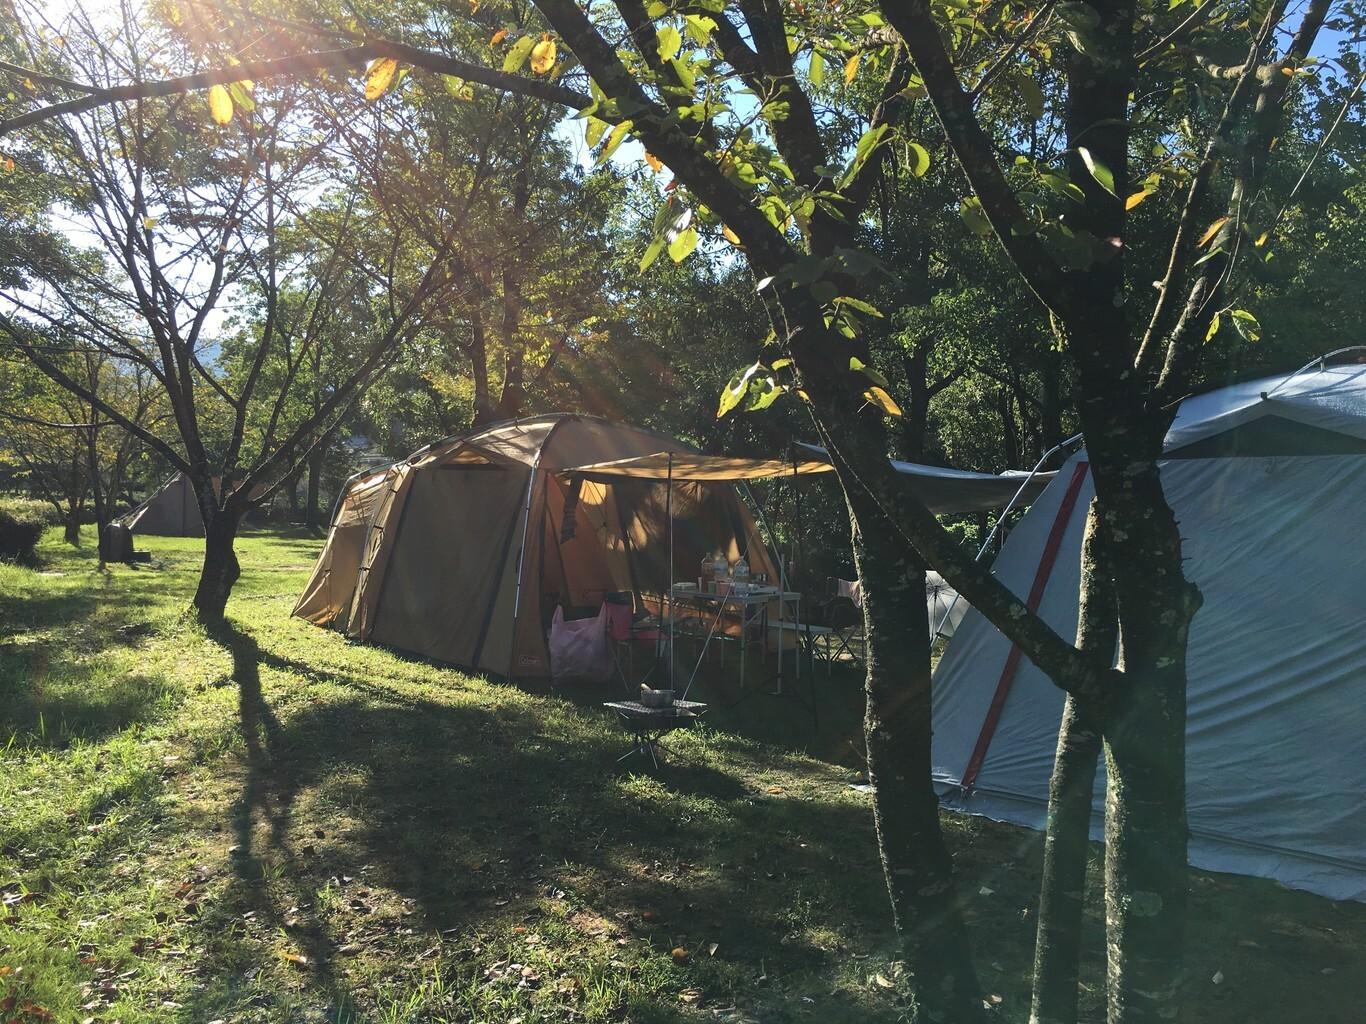 立神峡里地公園 キャンプ場 の写真p9807